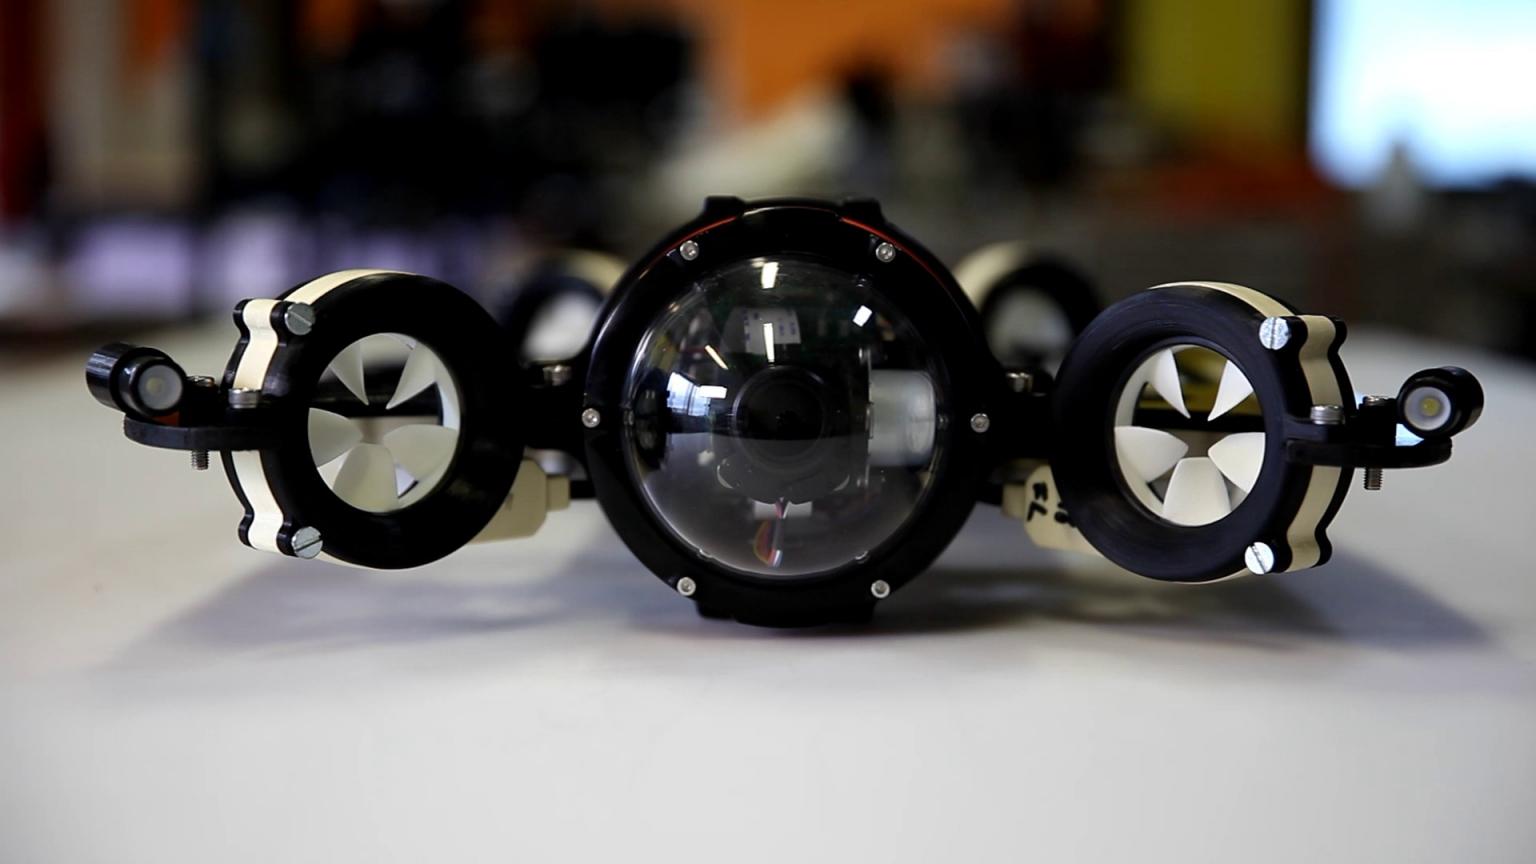 [Перевод] Стартап из Швейцарии разработал систему беспроводной связи для подводного дрона